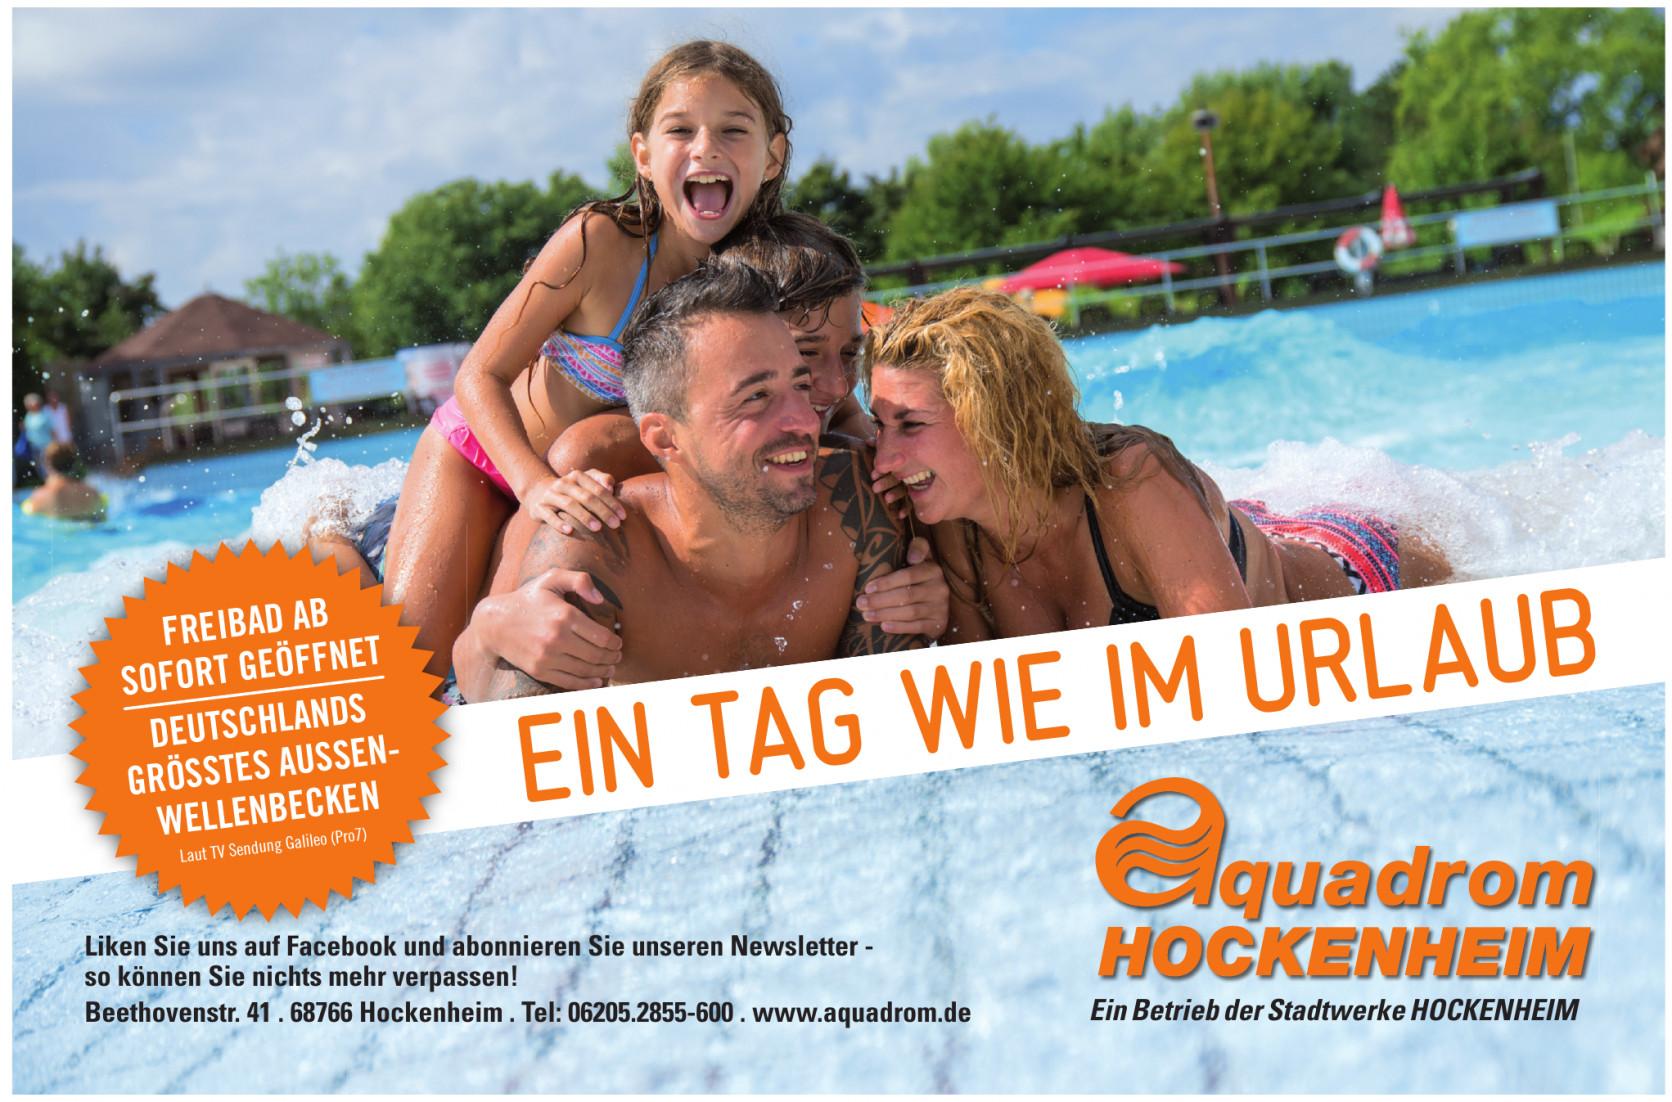 Aquadrom Hockenheim